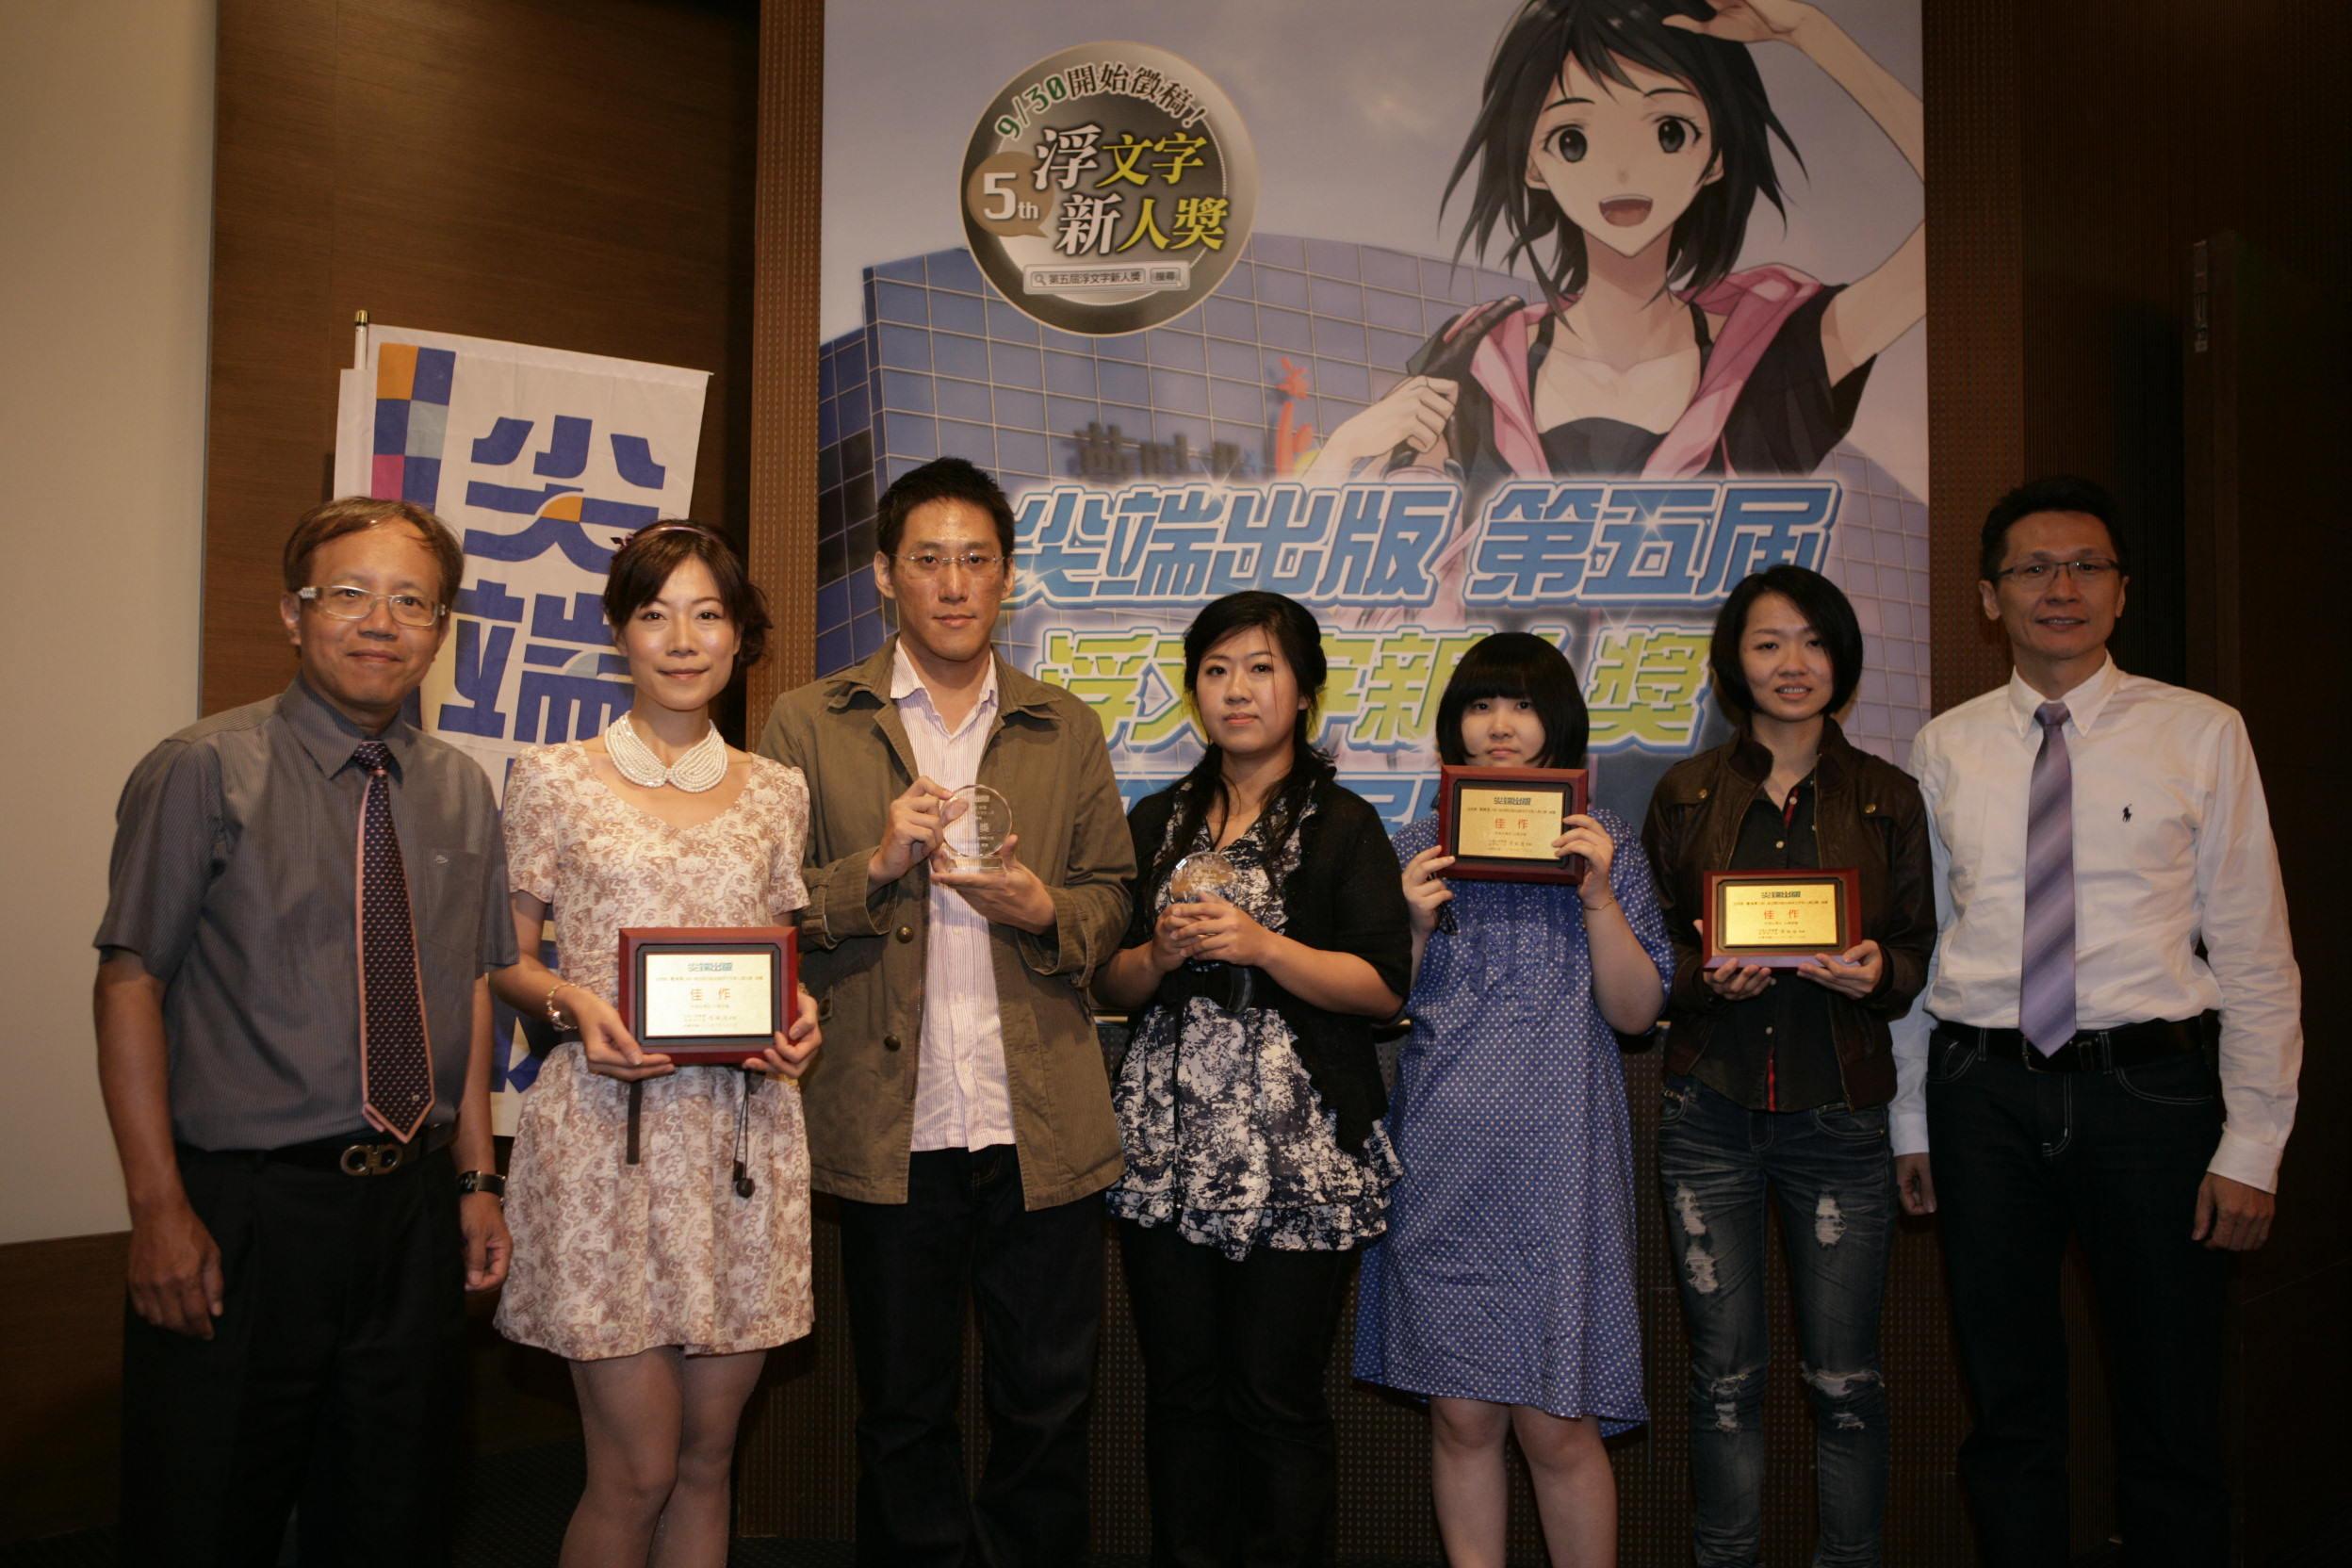 得獎者與黃鎮隆執行長(左)陳肇偉理事(右)合照.JPG